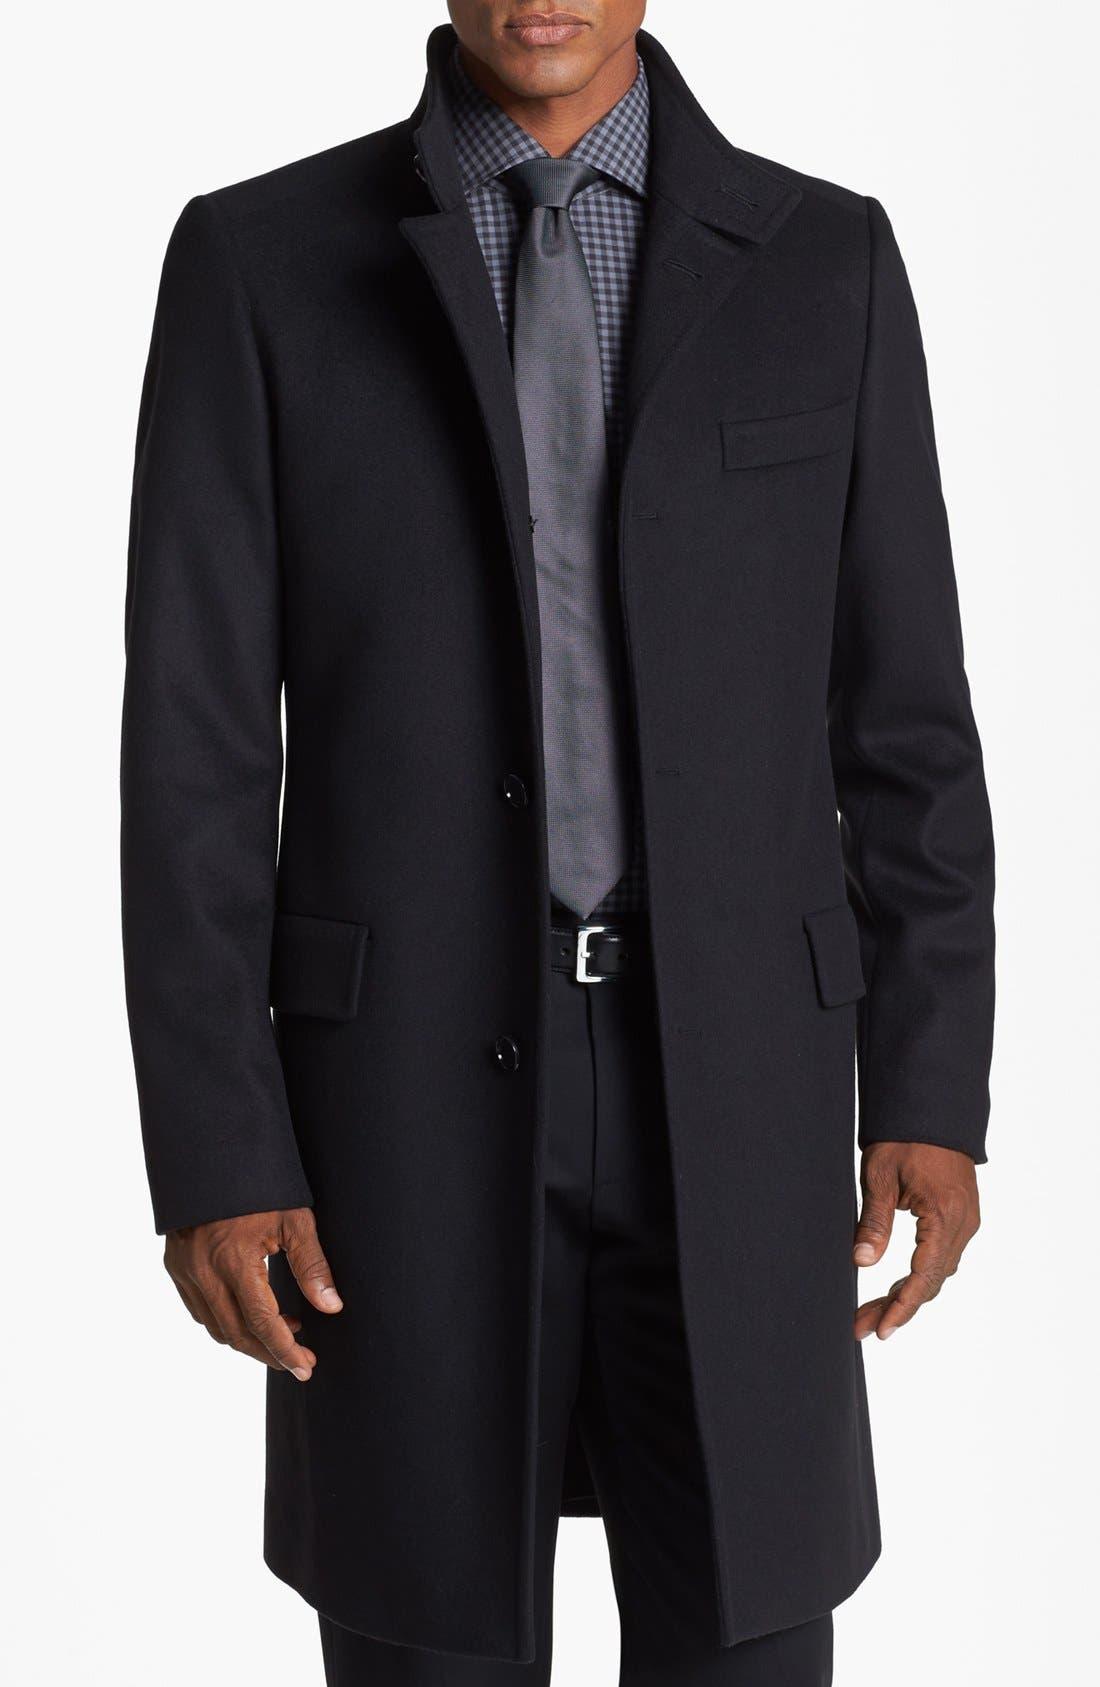 BOSS HUGO BOSS 'Sintrax' Wool Blend Coat,                             Main thumbnail 1, color,                             001